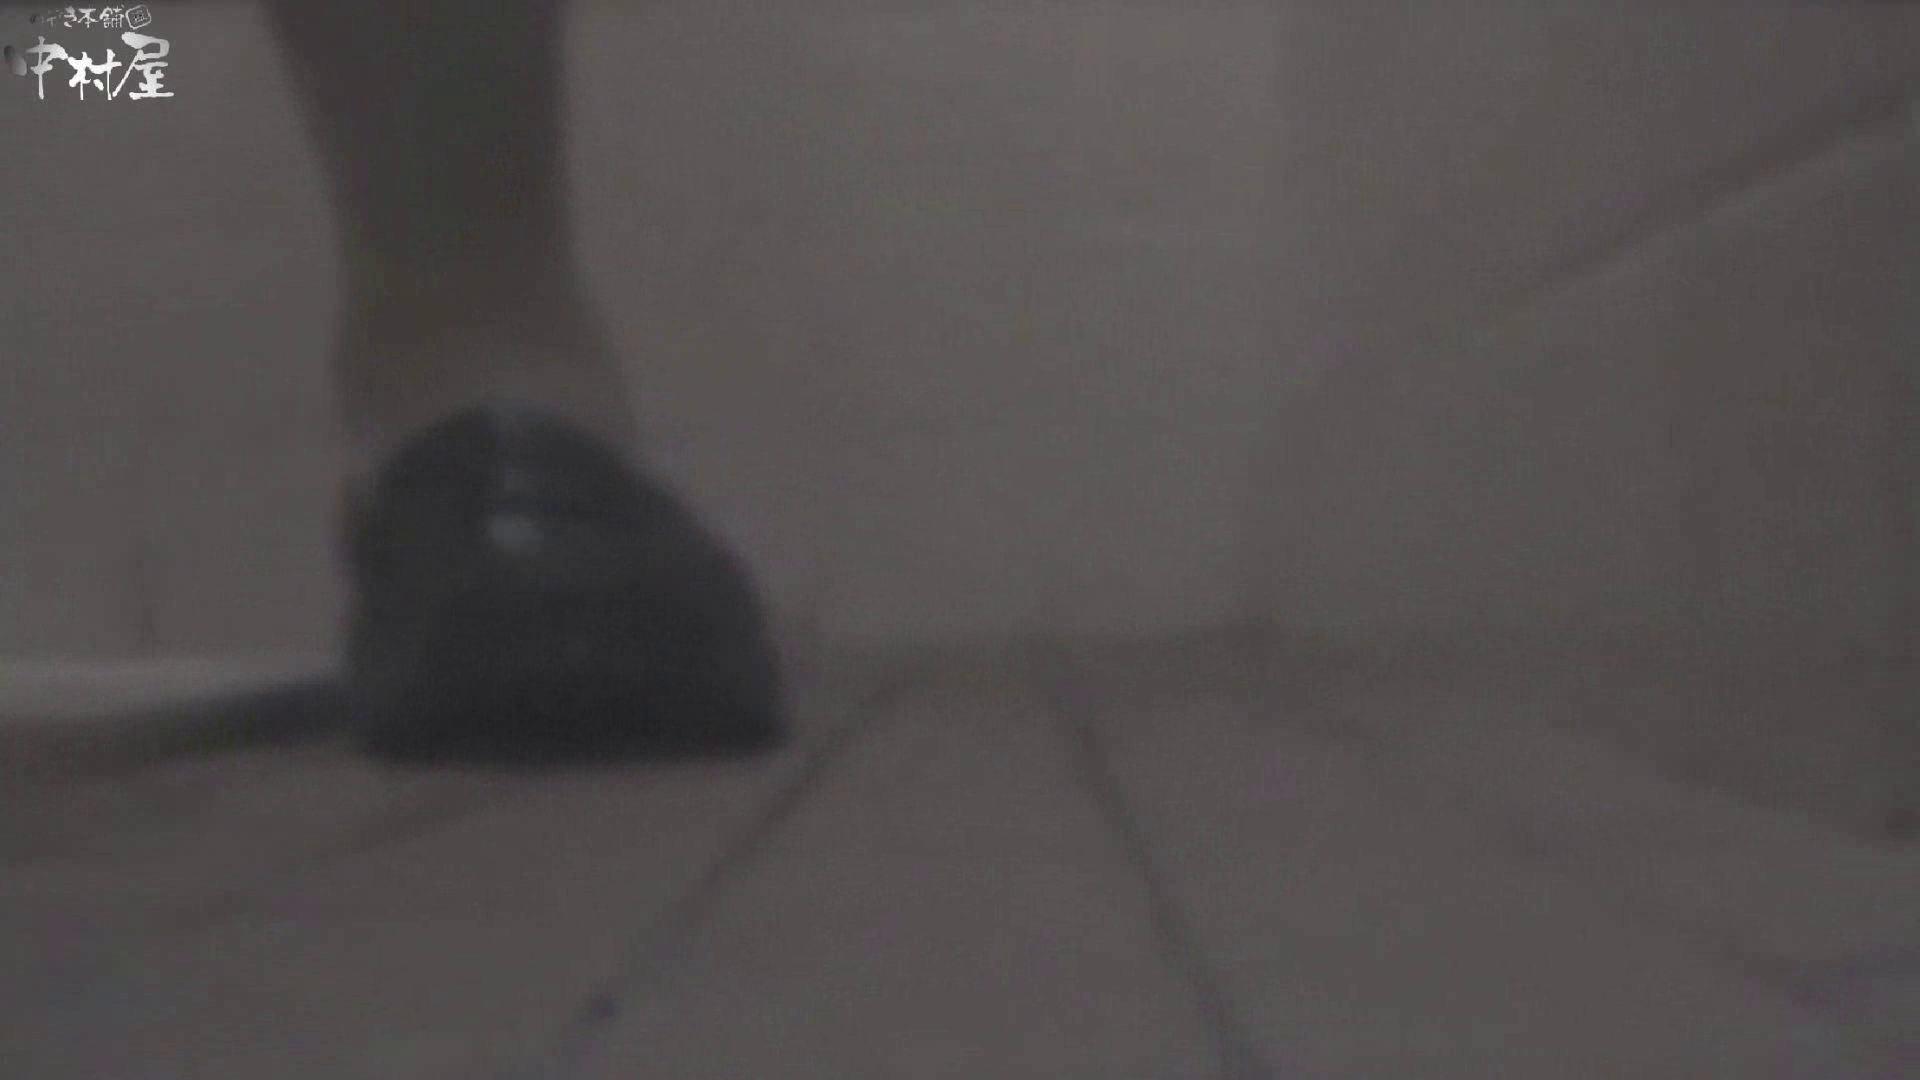 解禁!海の家4カメ洗面所vol.08 洗面所突入 戯れ無修正画像 107pic 38